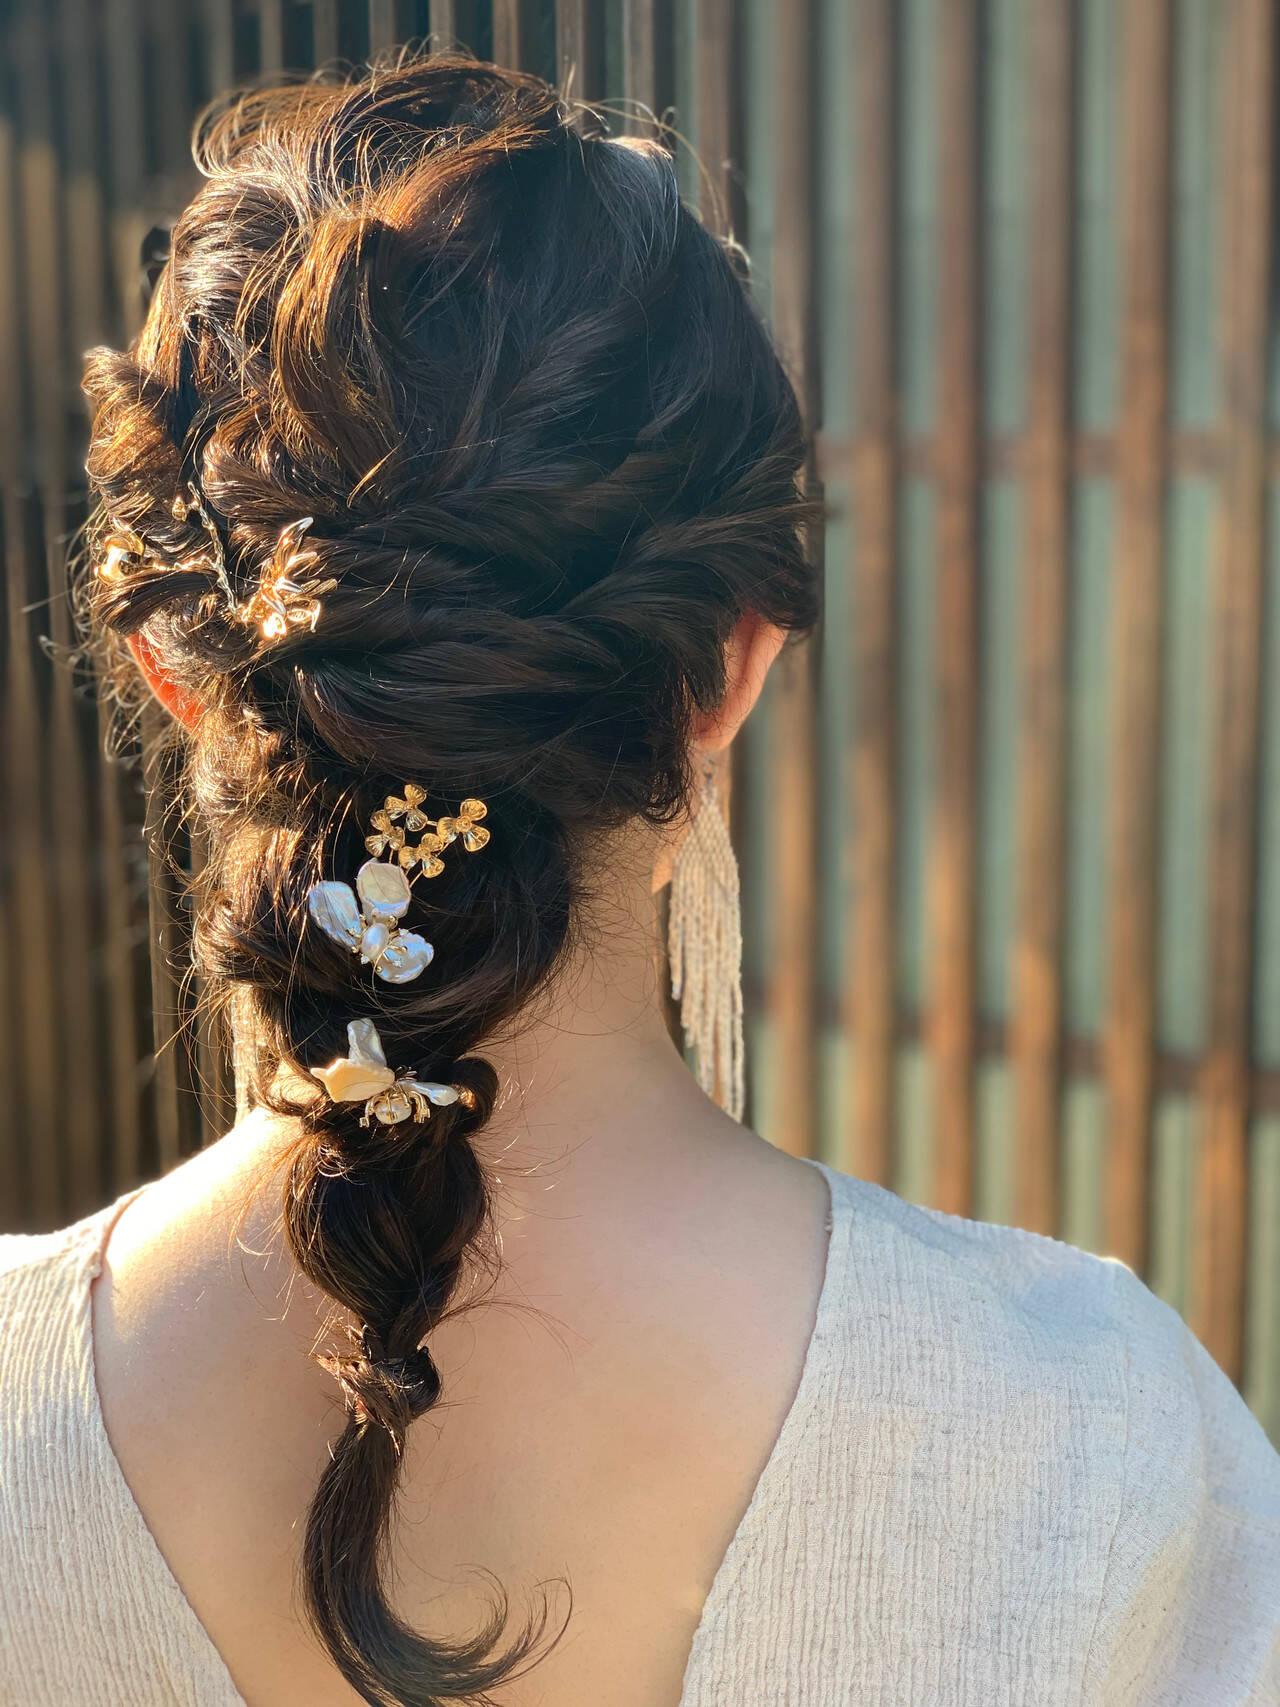 ヘアアレンジ セミロング 結婚式ヘアアレンジ インナーカラーヘアスタイルや髪型の写真・画像